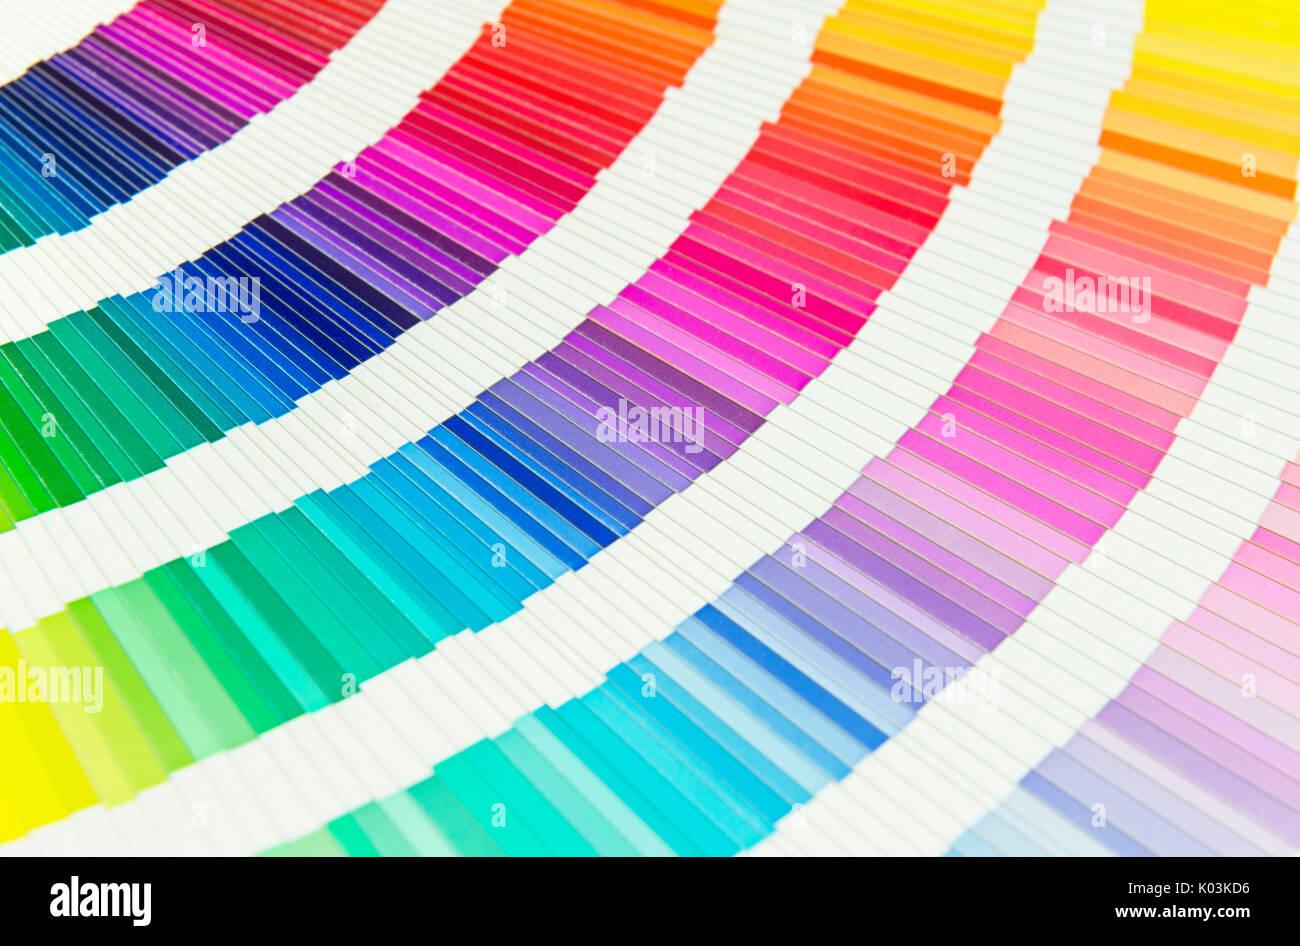 Hermoso libro de muestras de color Foto & Imagen De Stock: 154974434 ...